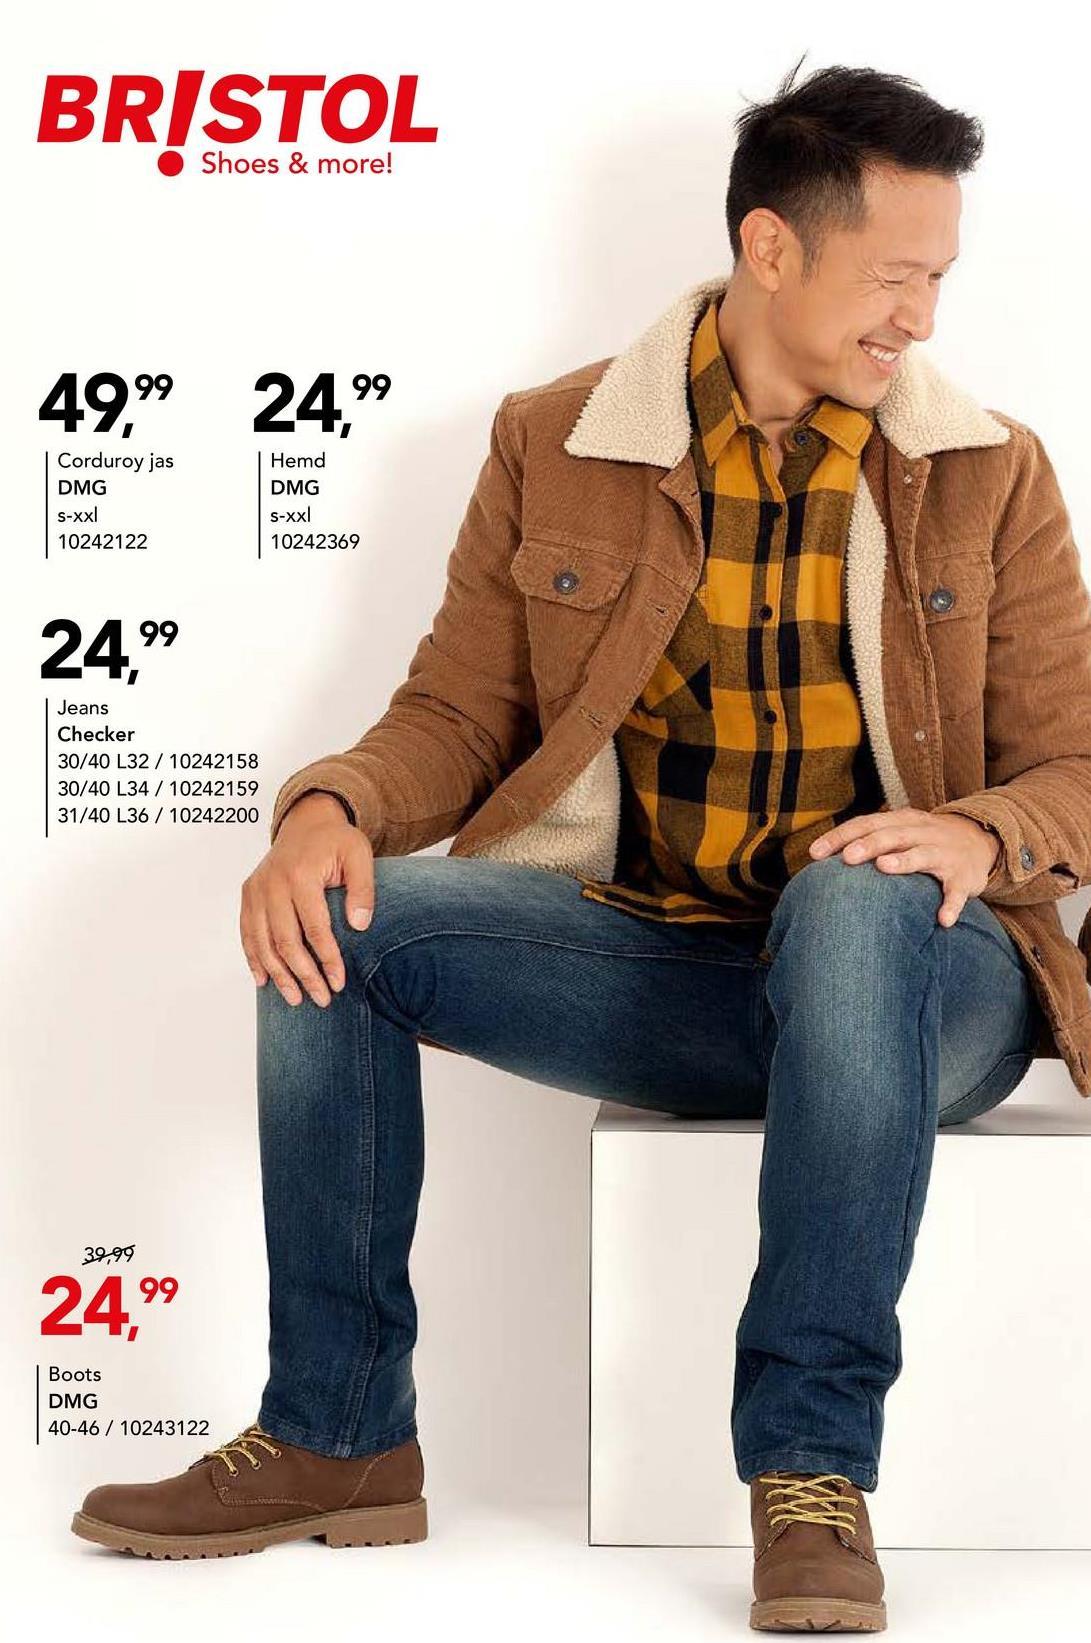 Corduroy jas DMG - Camel Casual jas met knoopssluiting en kraag van het merk DMG voor mannen. Deze corduroy jas met warme voering kan je met allerlei outfits combineren.